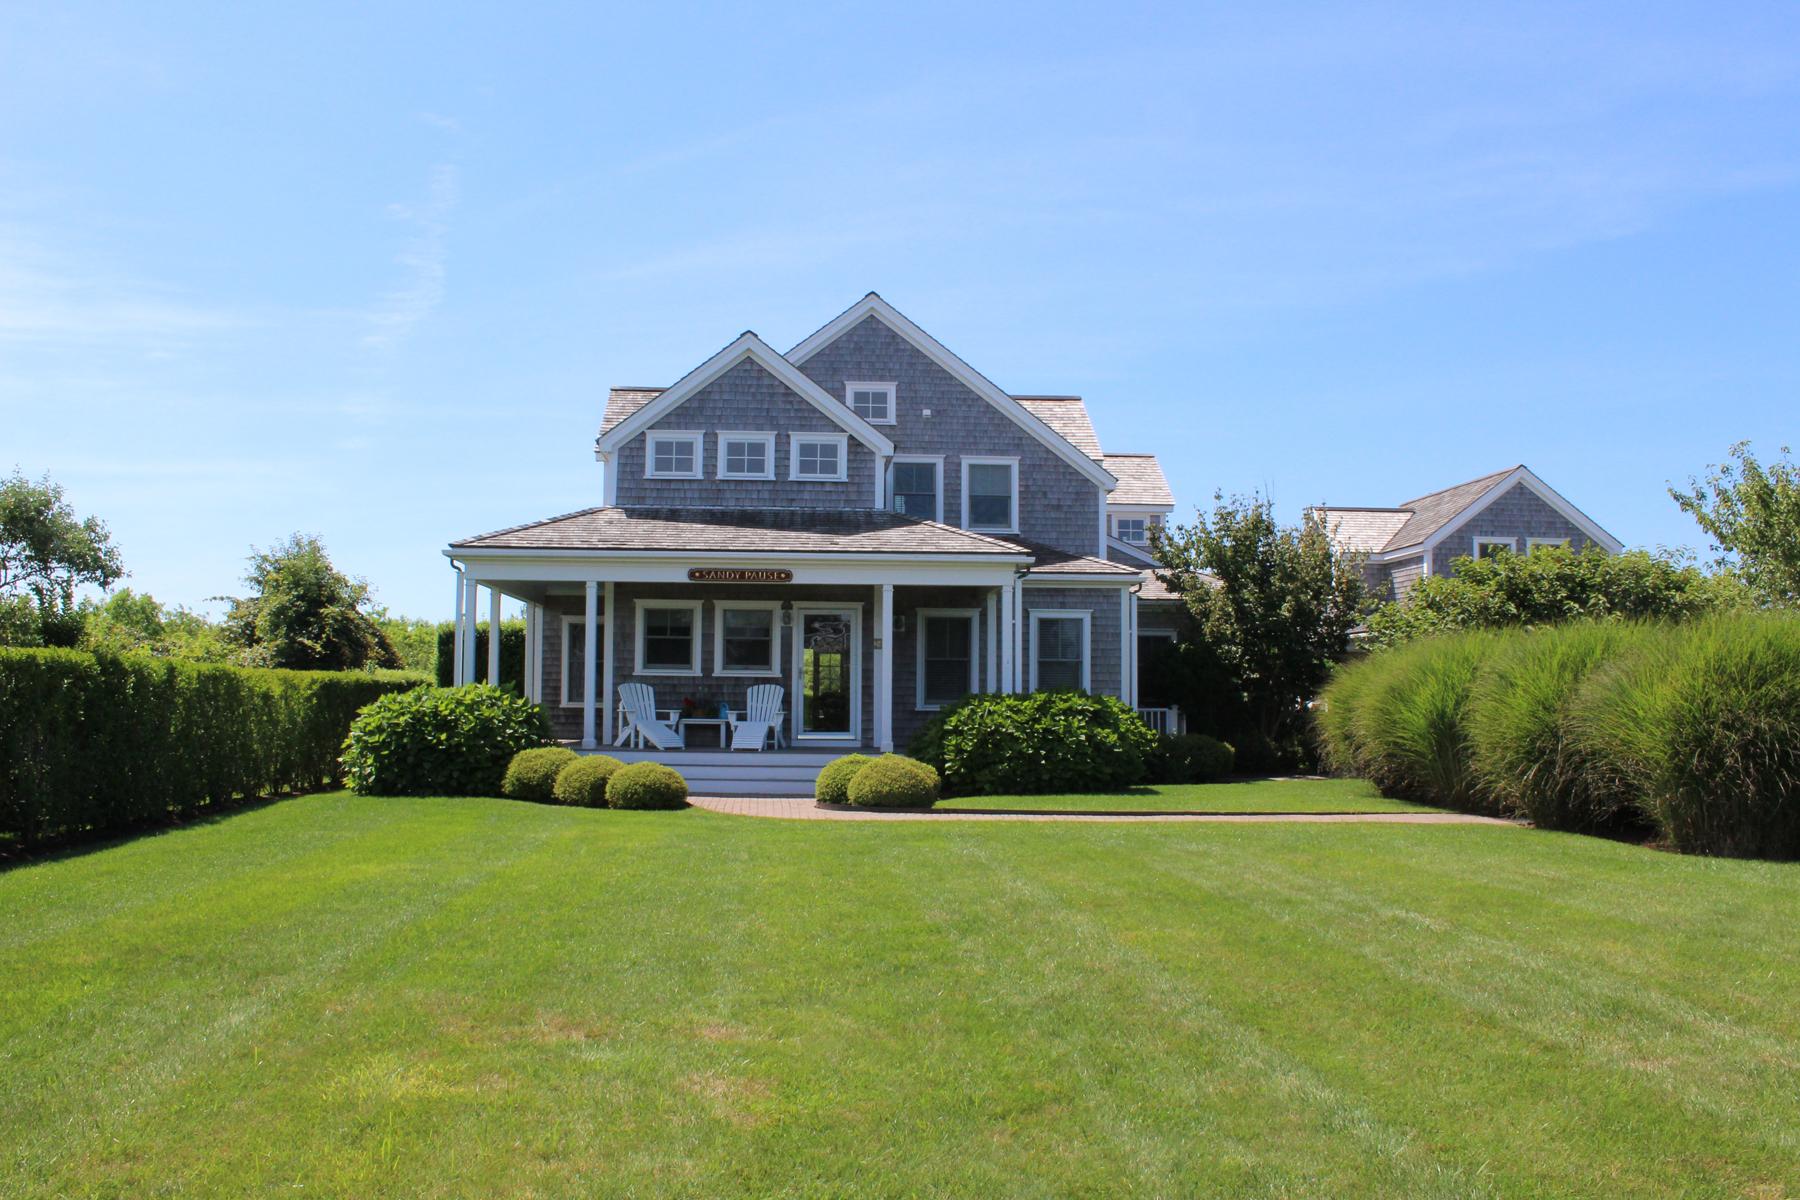 Частный односемейный дом для того Продажа на Sconset - Half Acre - Distant Ocean Views 24 Cannonbury Lane Siasconset, Массачусетс, 02564 Соединенные Штаты